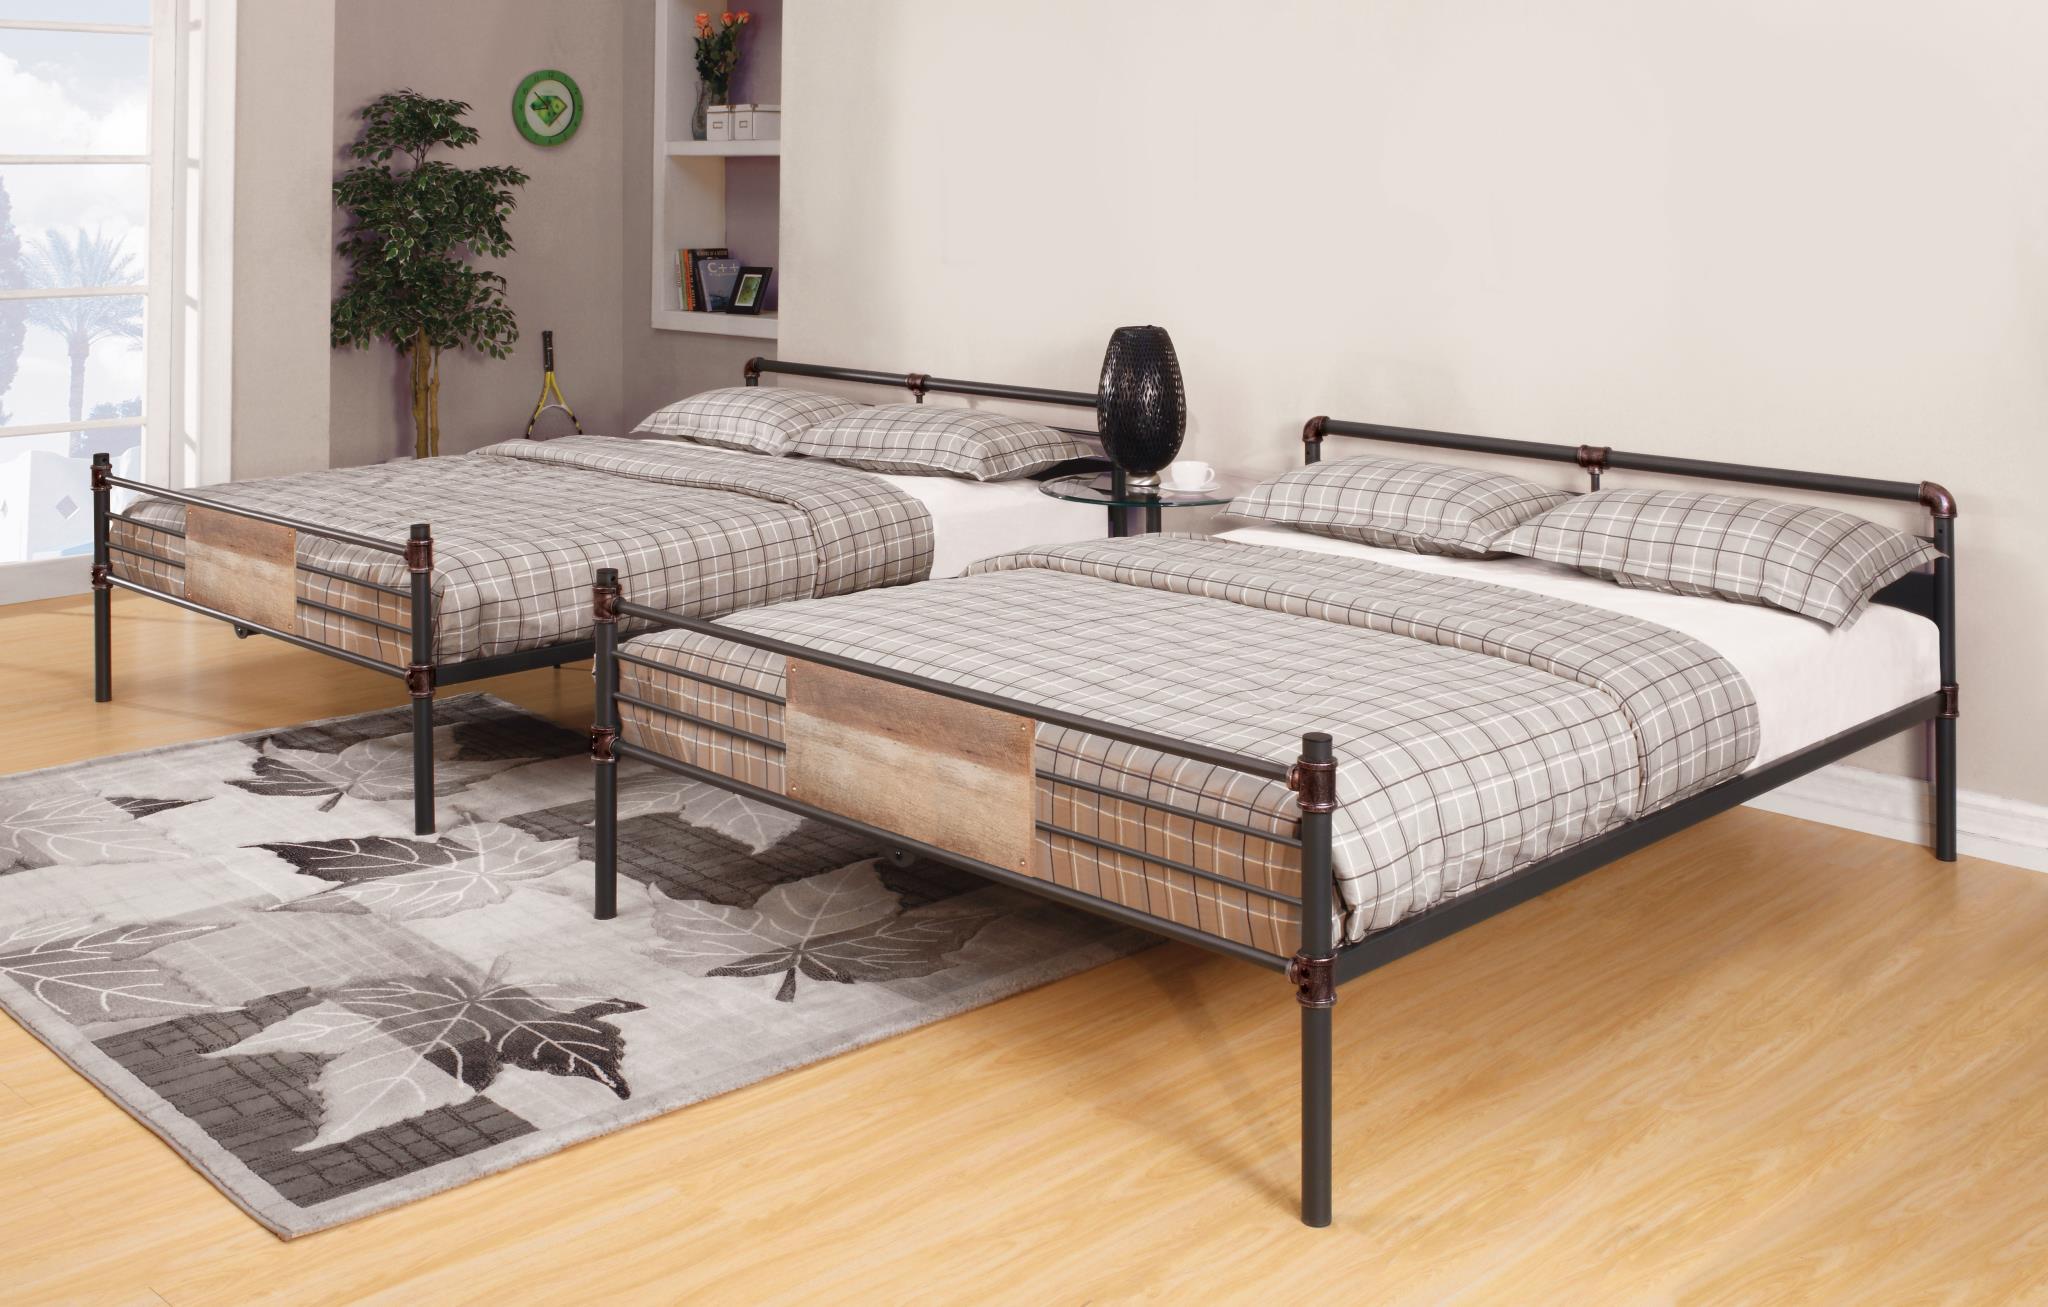 Queen/Queen Bunk Beds Used Separately